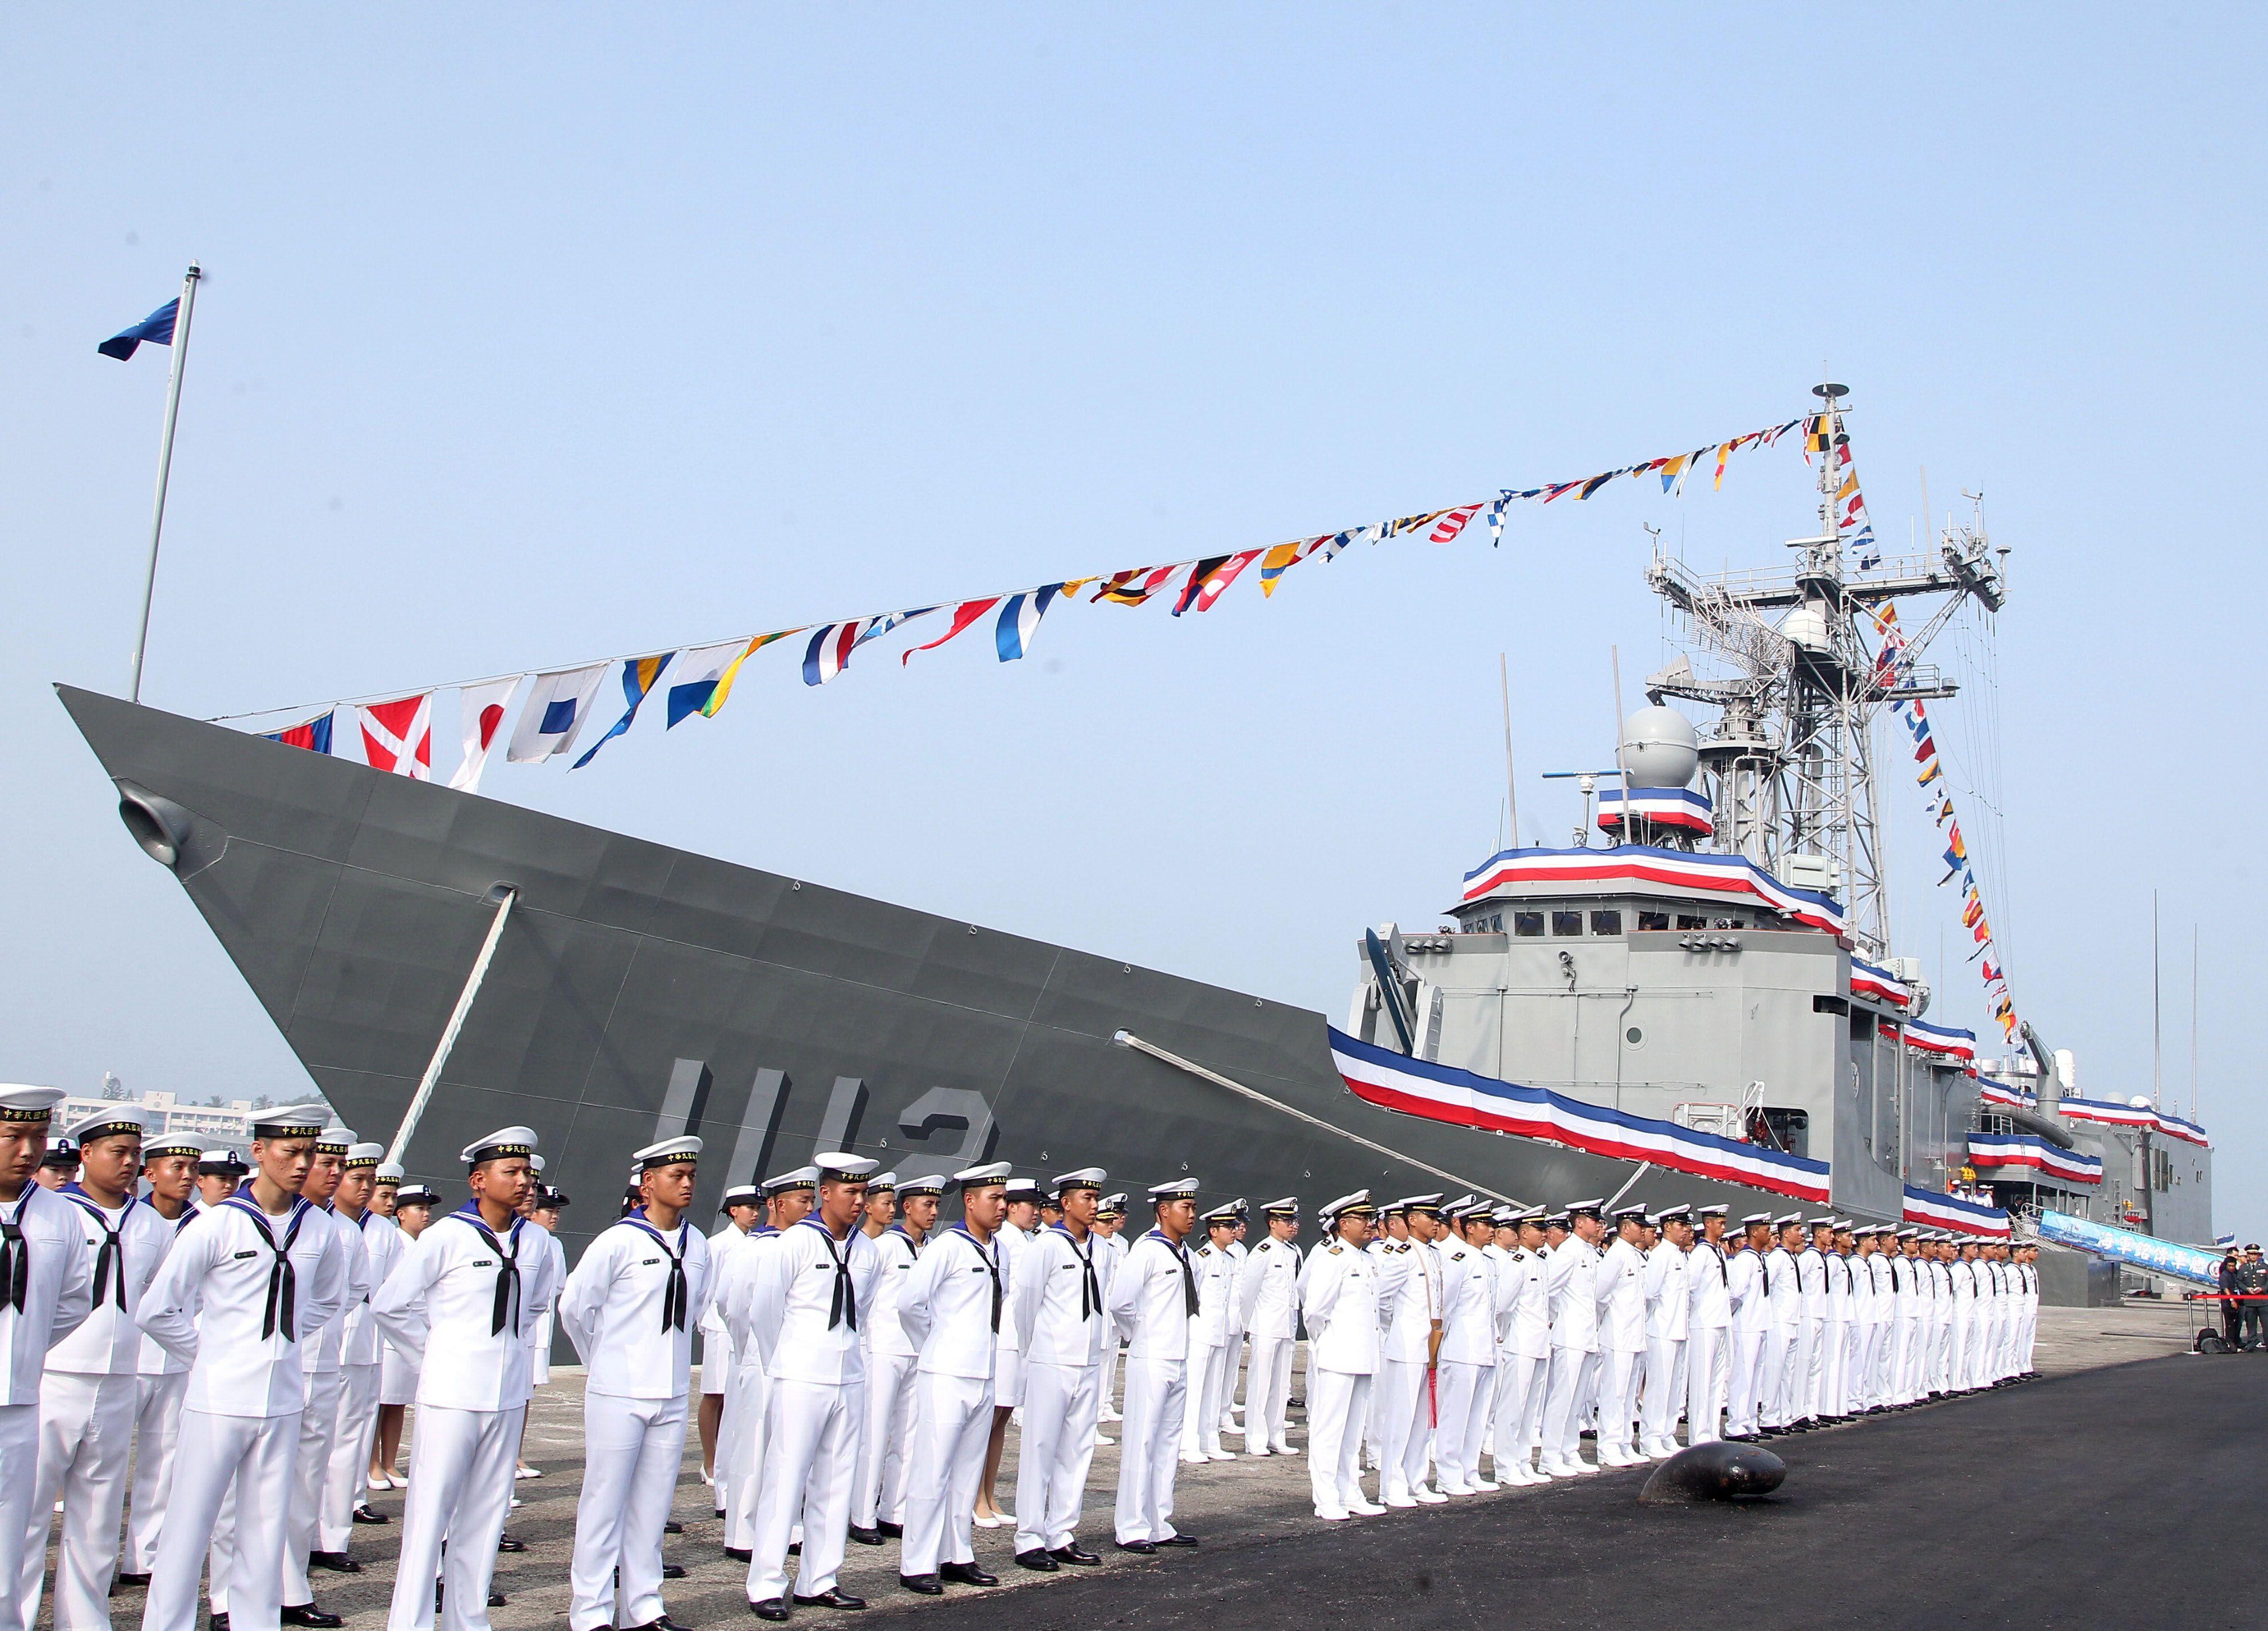 總統蔡英文主持海軍「銘傳、逢甲艦」成軍典禮。(記者邱榮吉/攝影)